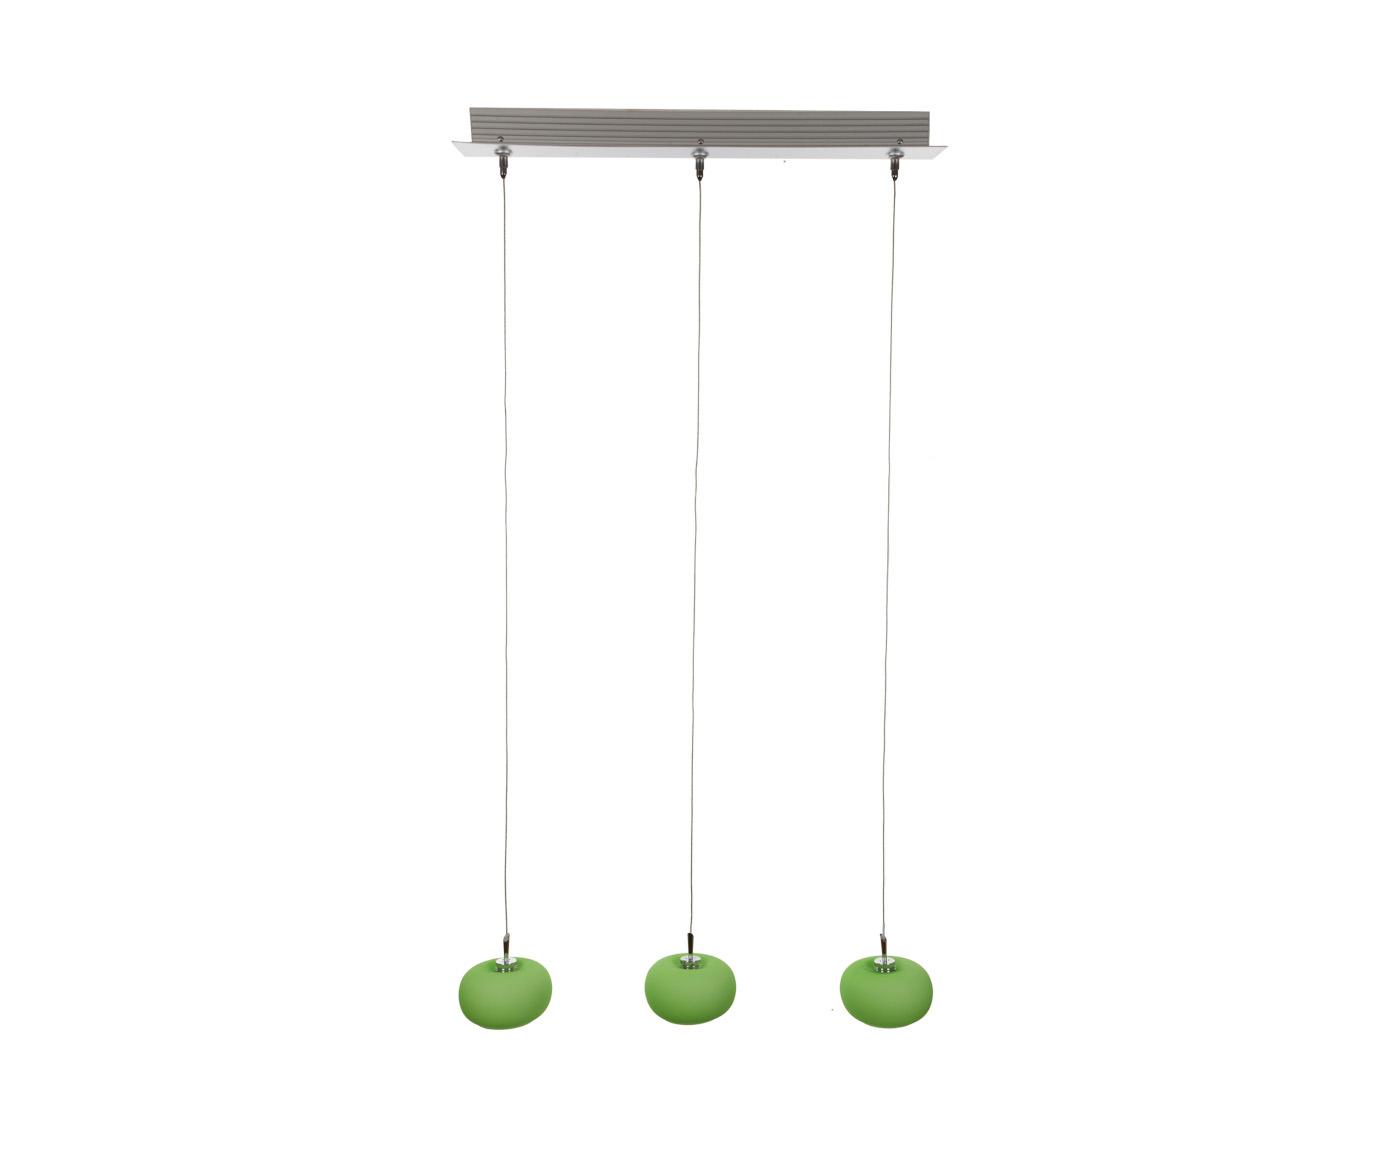 цена  {} CRYSTAL LIGHT Светильник потолочный Lilyum Цвет: Зеленый (10х63х180 см)  онлайн в 2017 году